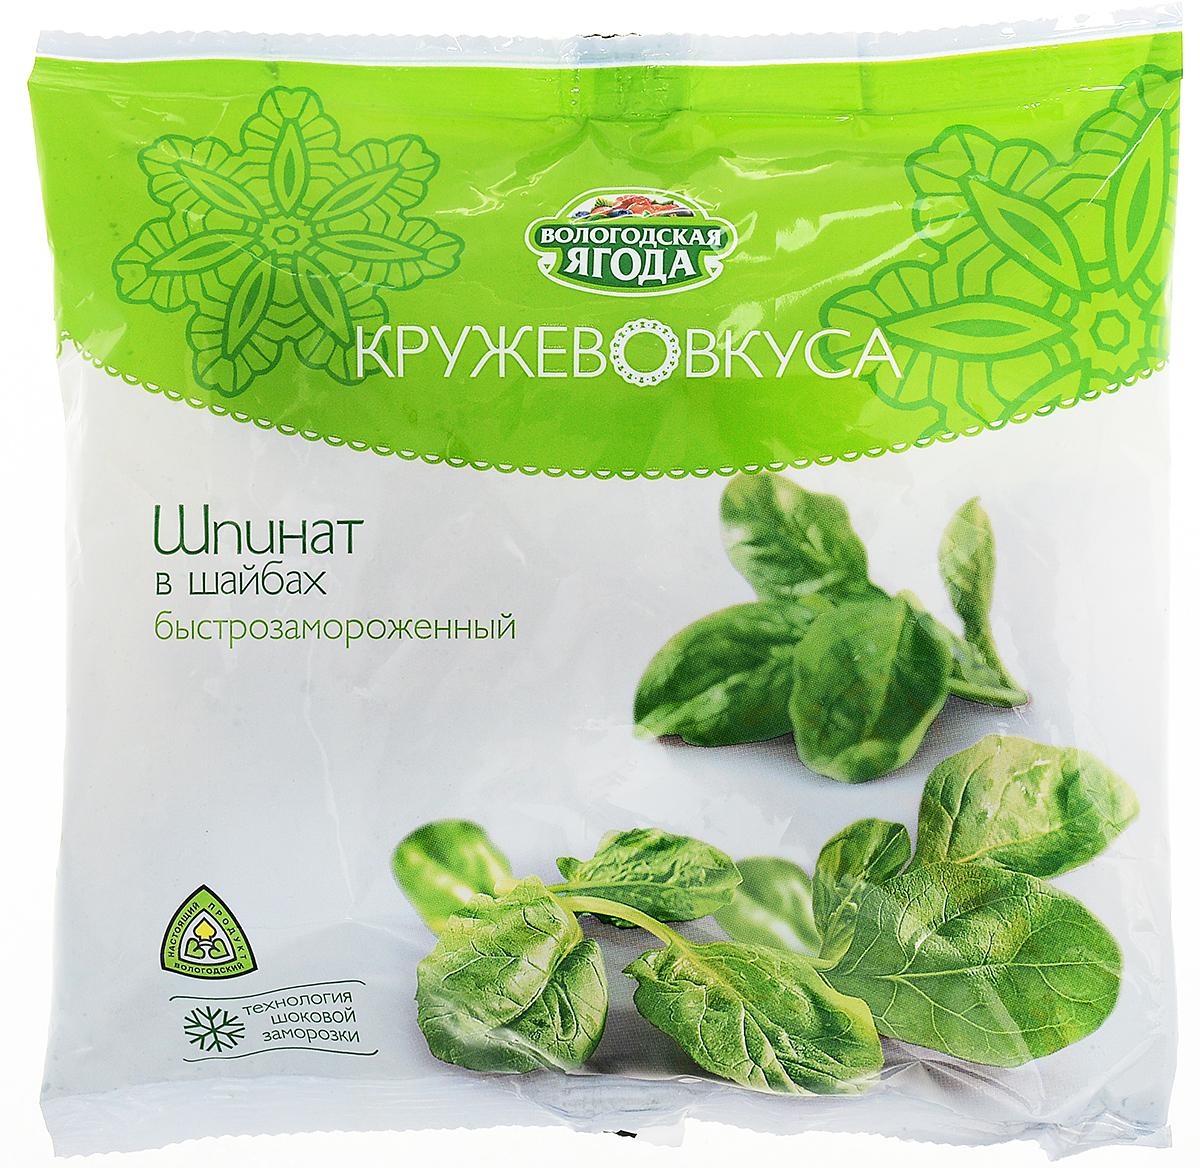 Кружево Вкуса Шпинат замороженный, 400 г